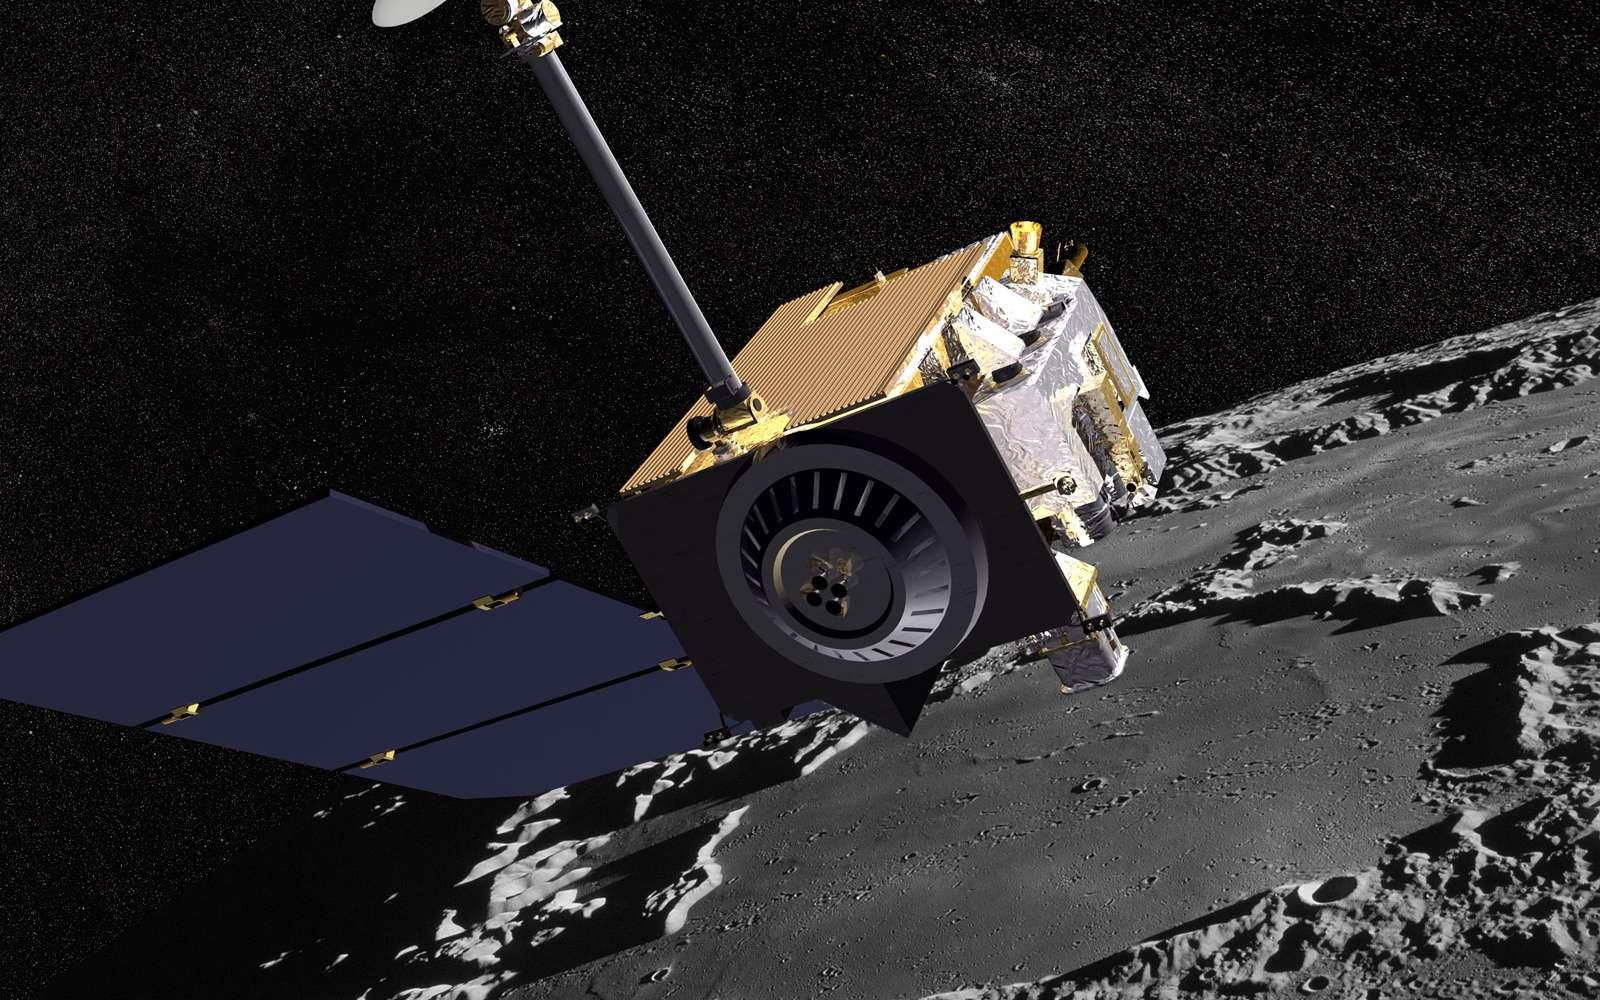 La sonde LRO s'emploie à localiser les ressources naturelles de la Lune qui pourraient être utilisées plus tard. Crédit Nasa